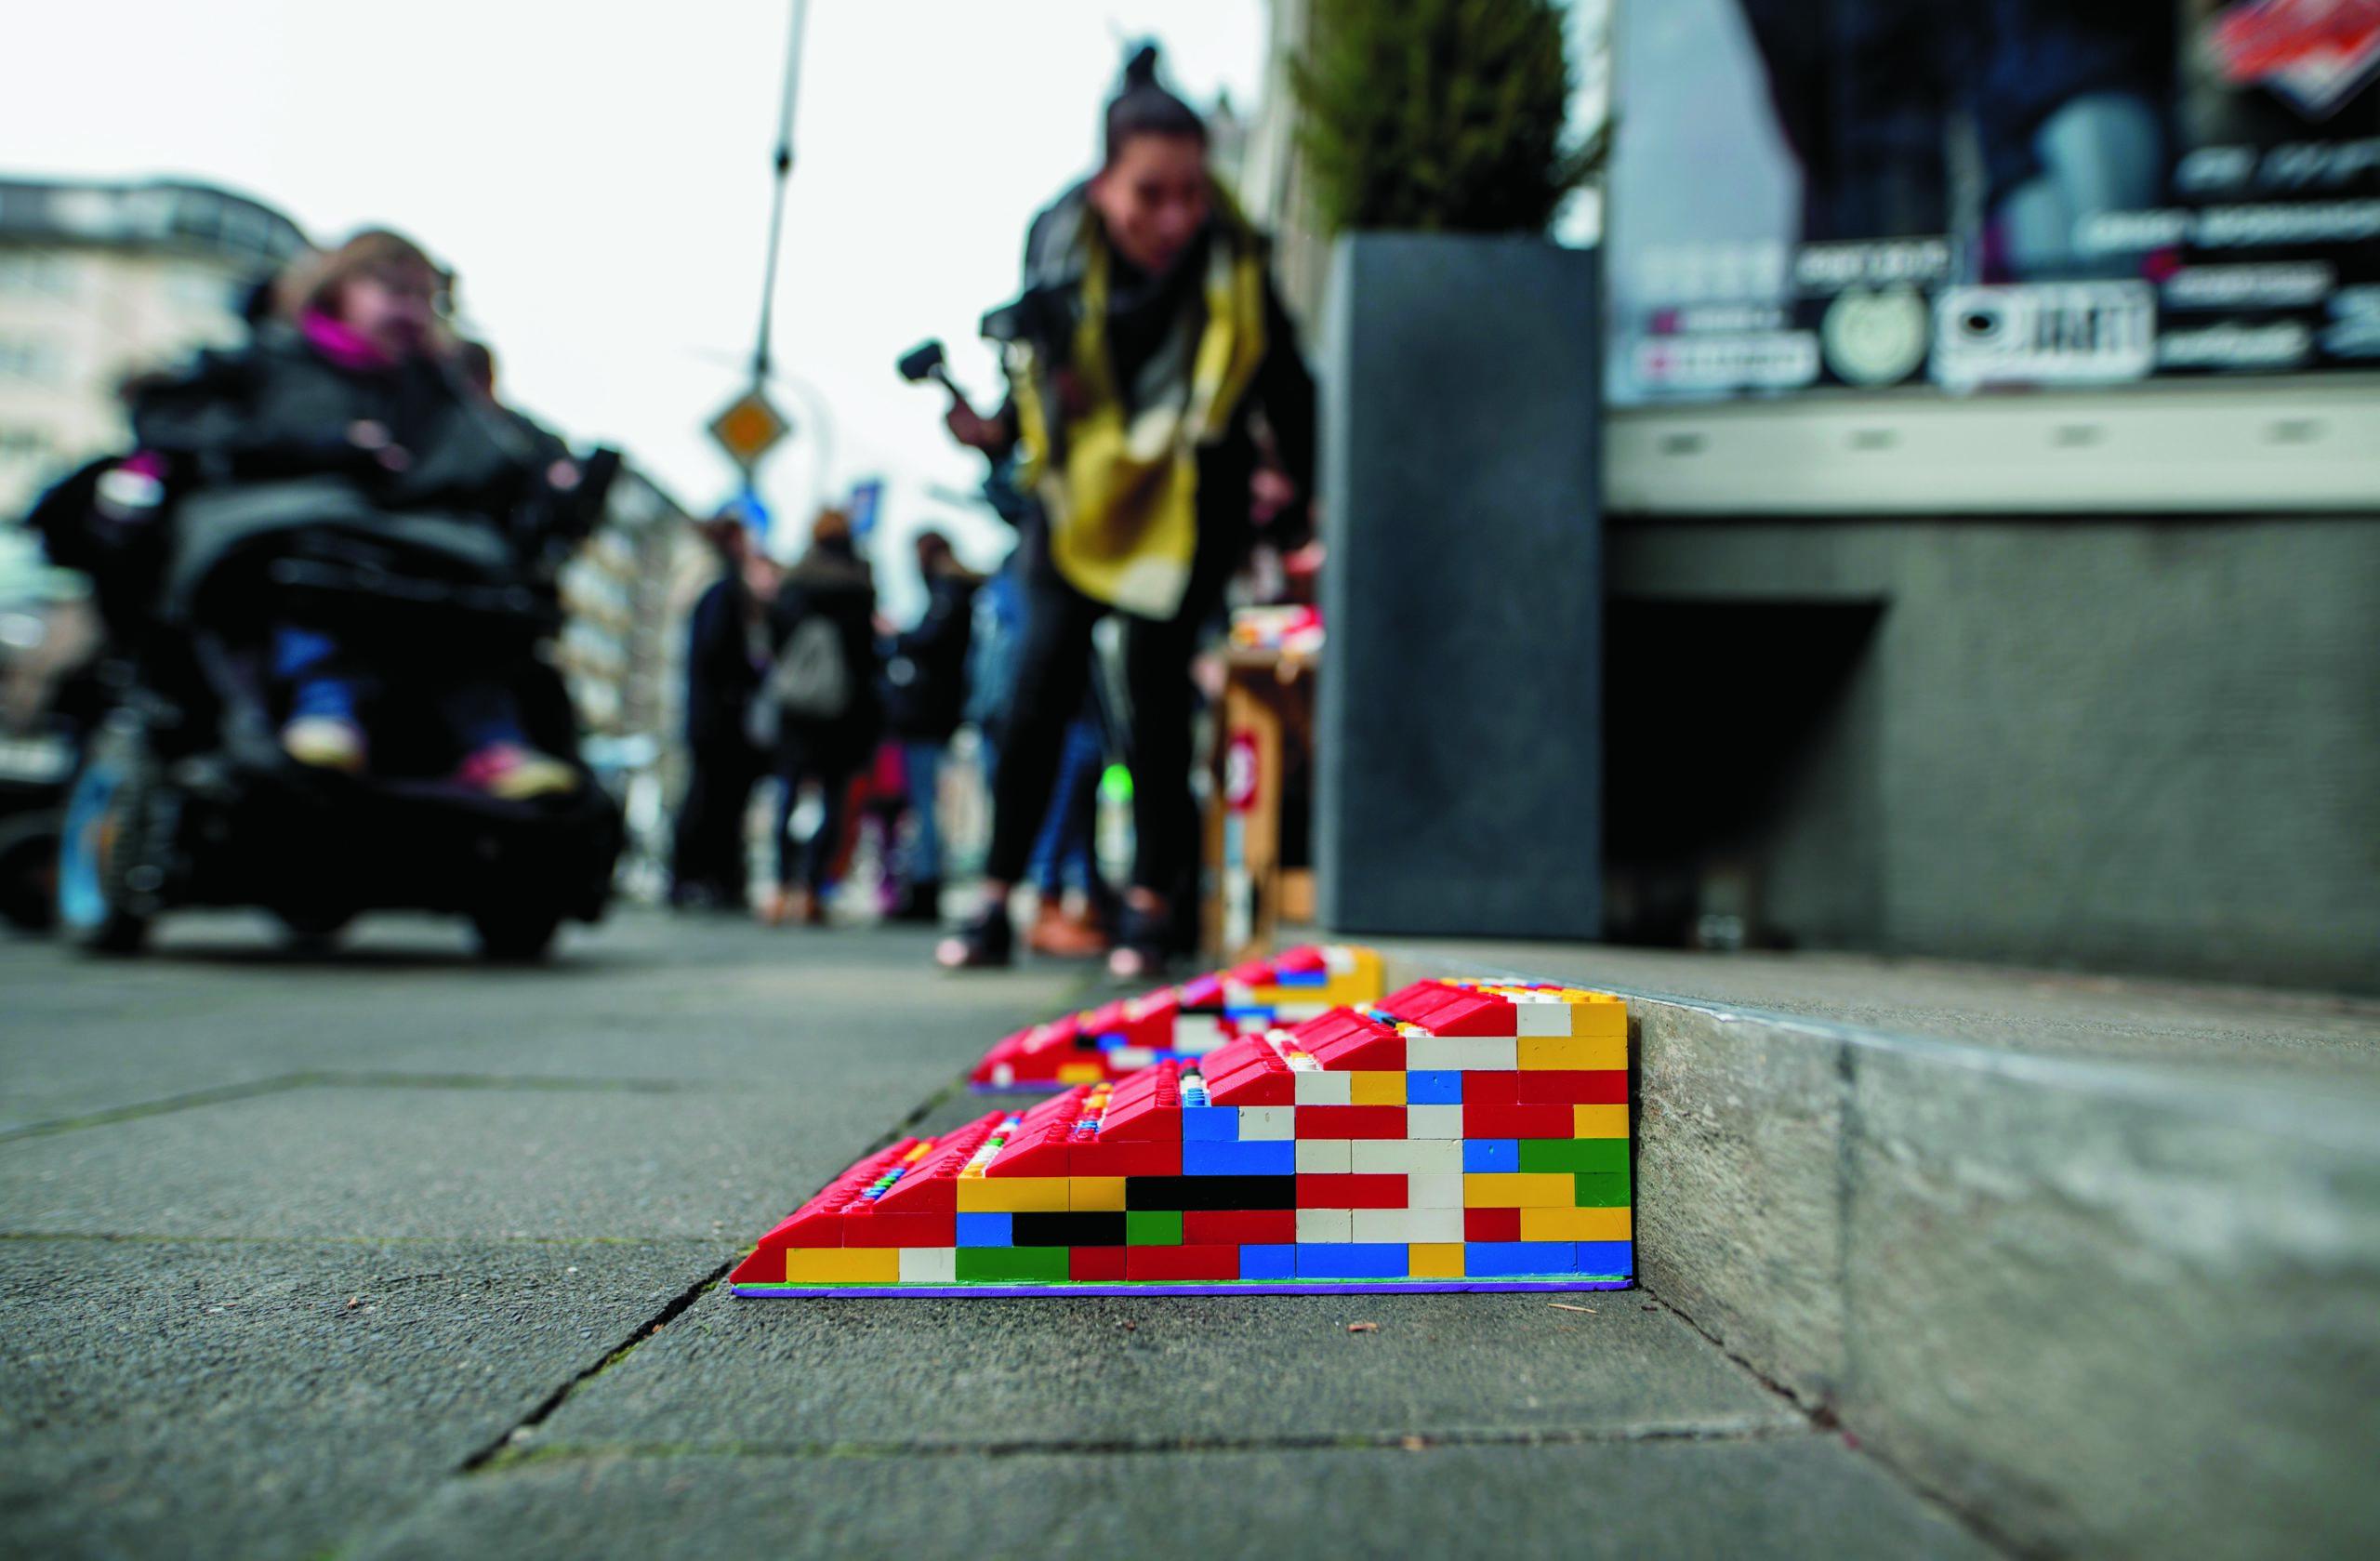 Zwei bunte Rampen aus Lego stehen gegen den Bordstein auf dem Fußgängerweg. Im Hintergrund sieht man verschwommen Menschen.